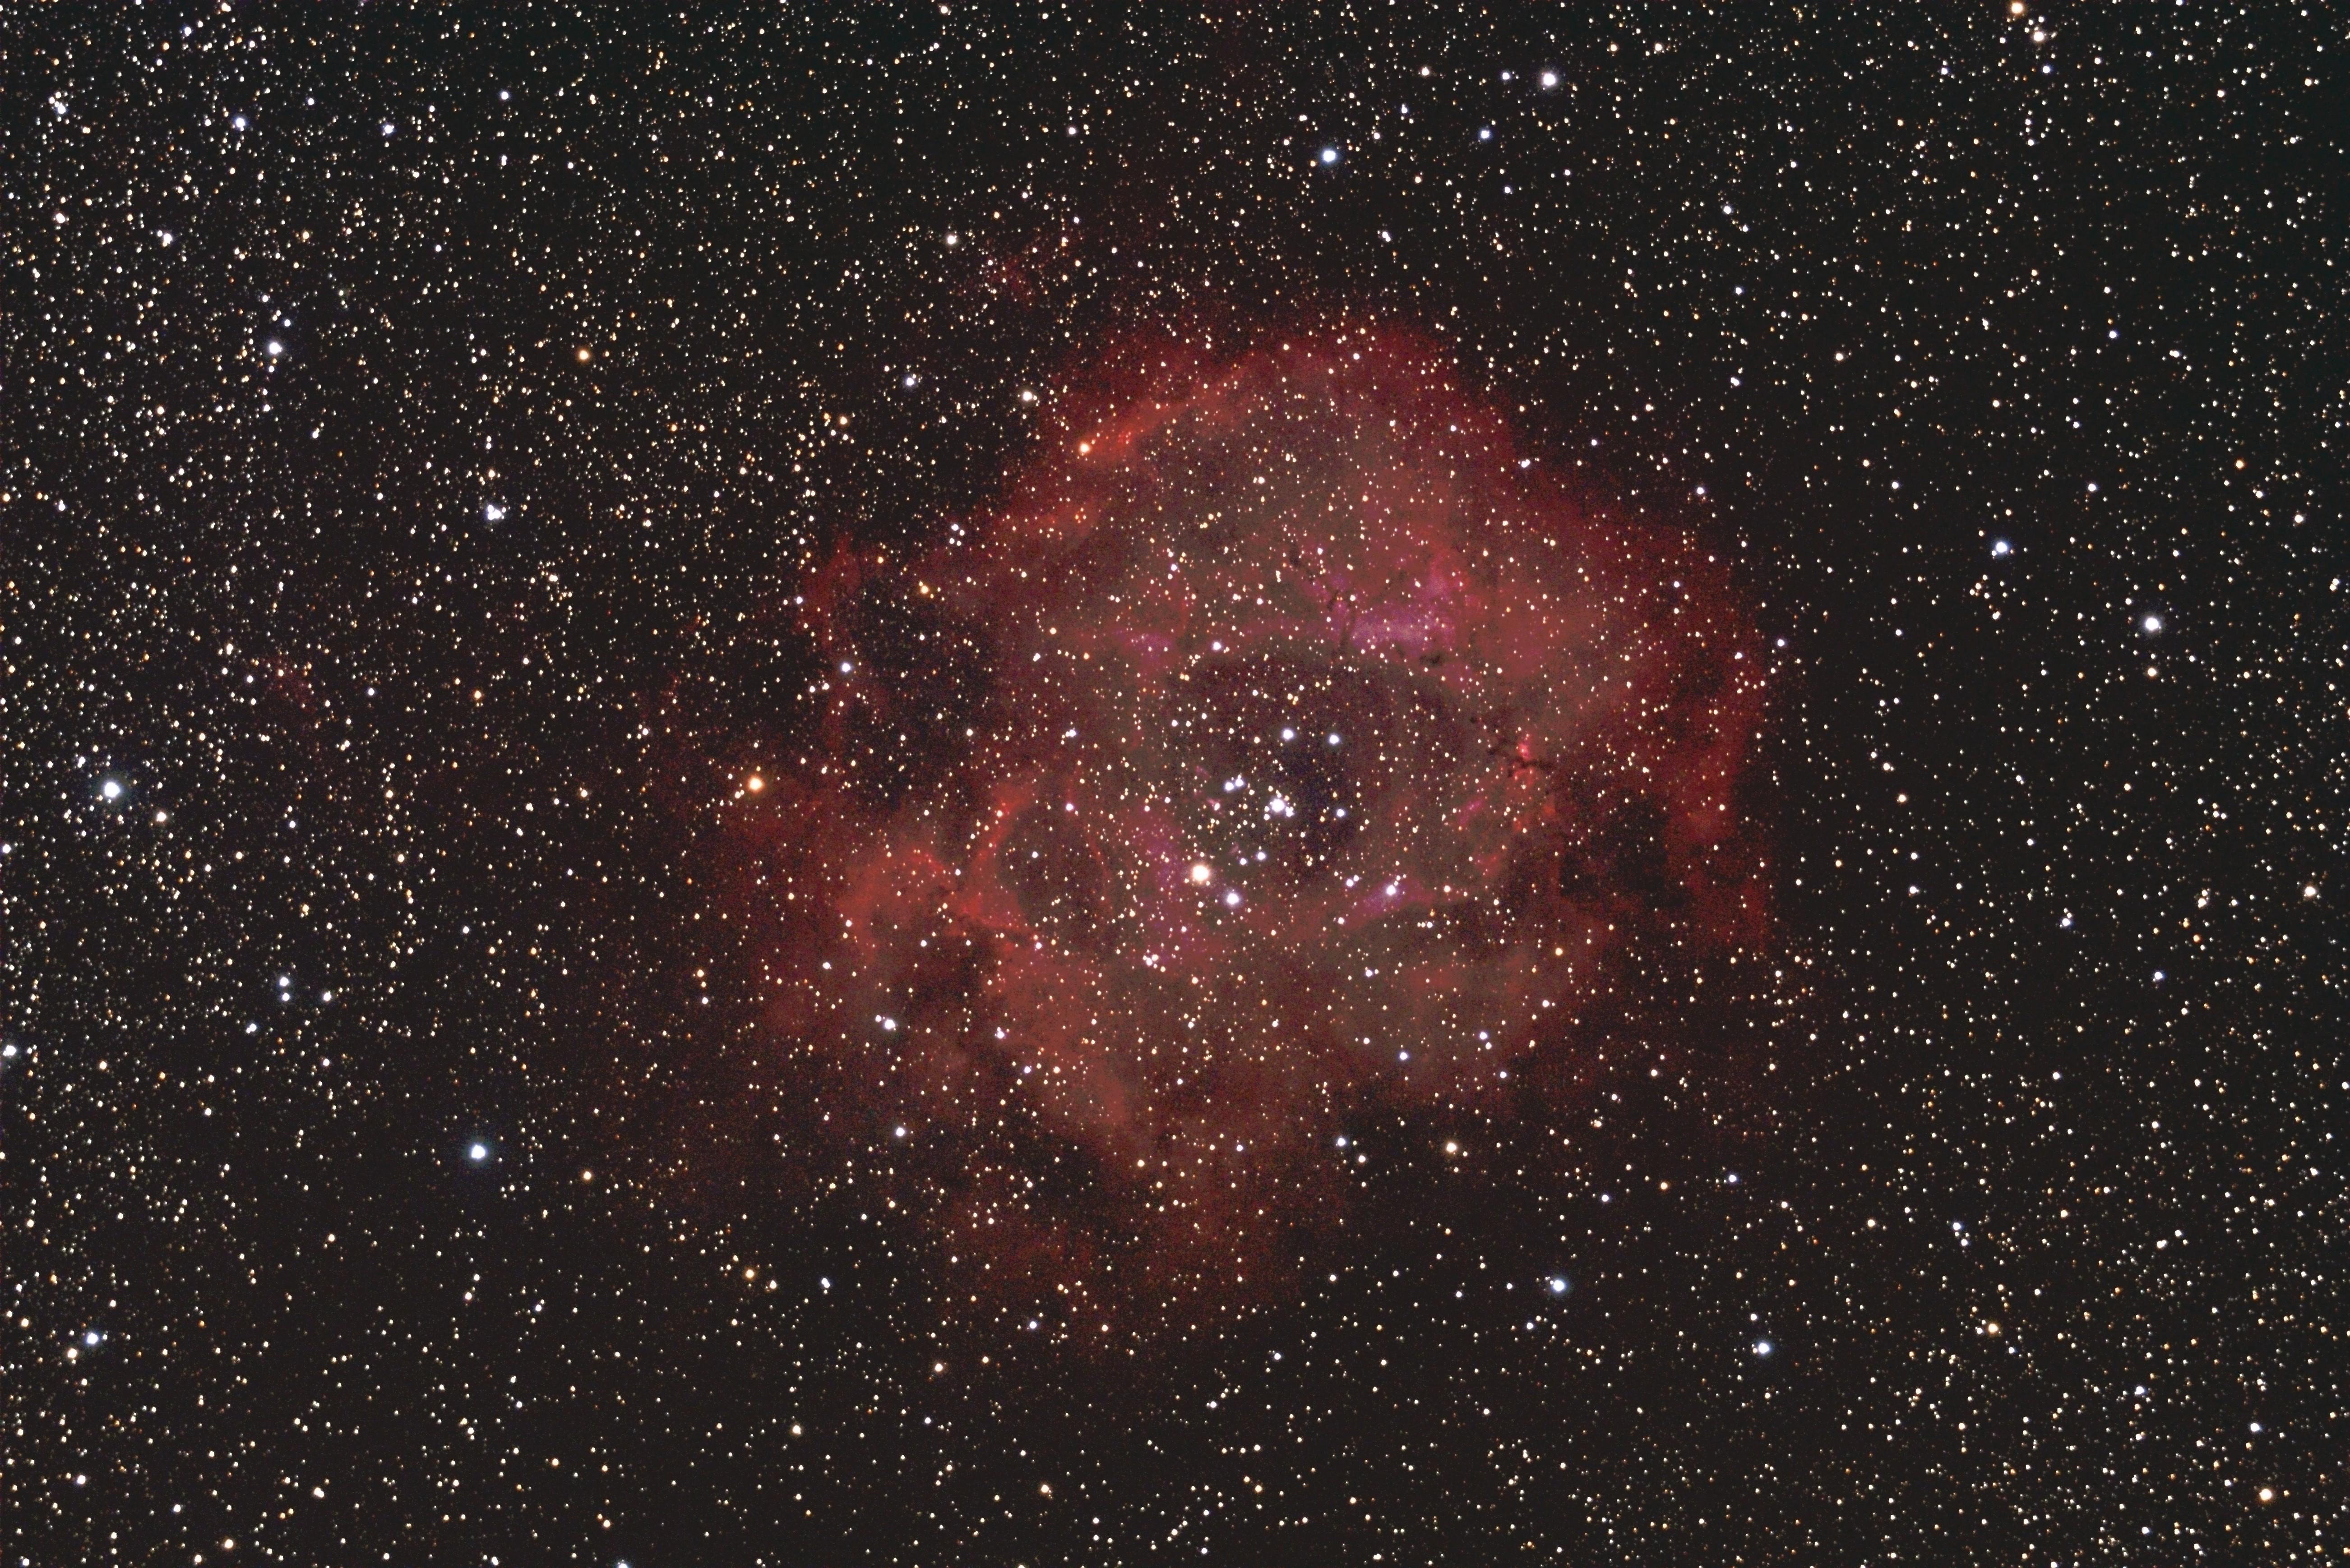 NGC2238_Rosettennebel_2016_12_26_18x150s_ISO1600_sigma